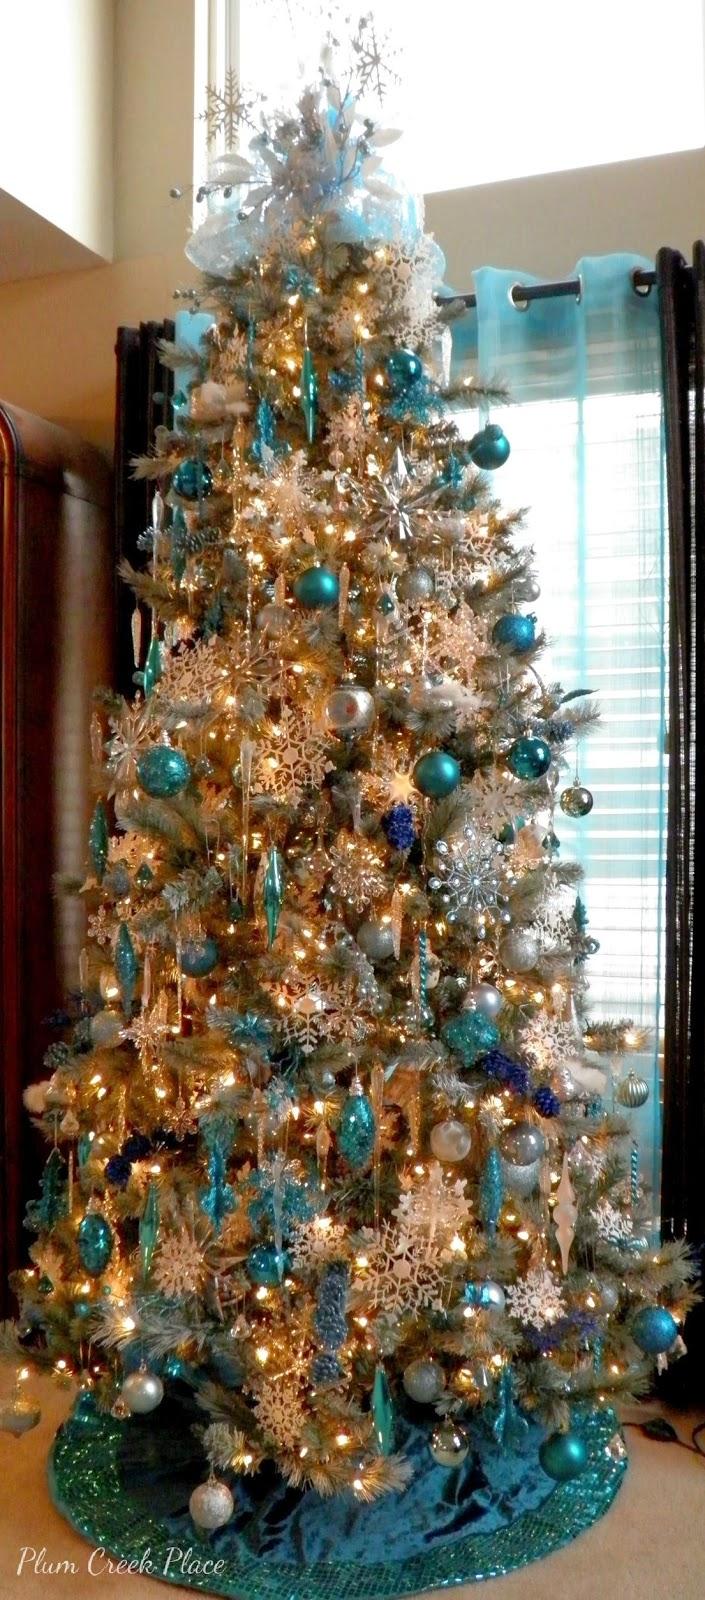 Teal and aqua snowflake Christmas tree